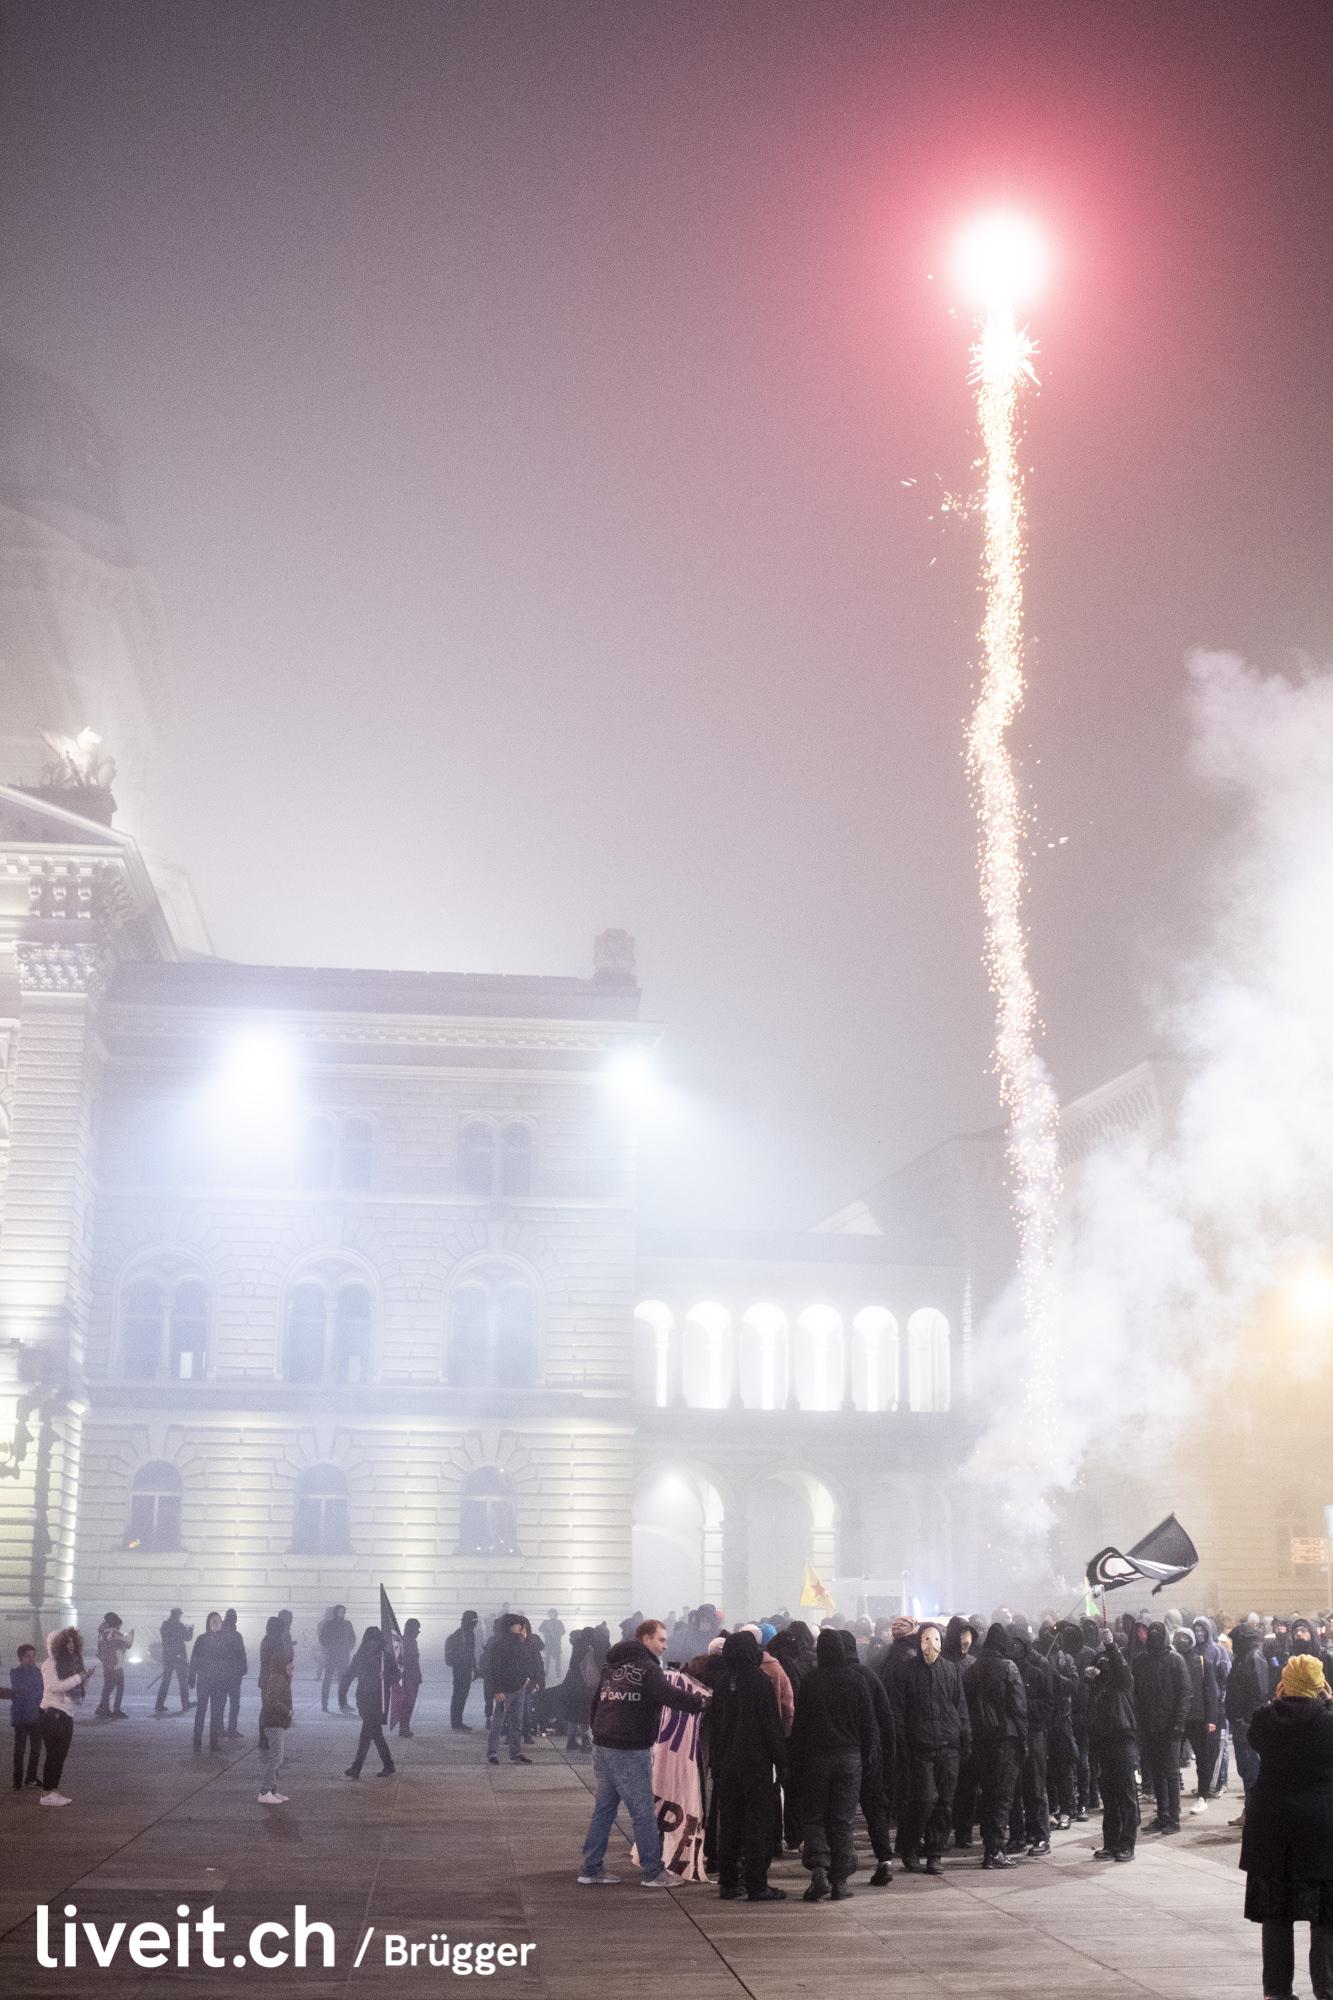 Impressionen der Silversterdemo, fotografiert am Dienstag, 31.012.2019 in der Stadt Bern. (liveit.ch/Dominic Brügger)